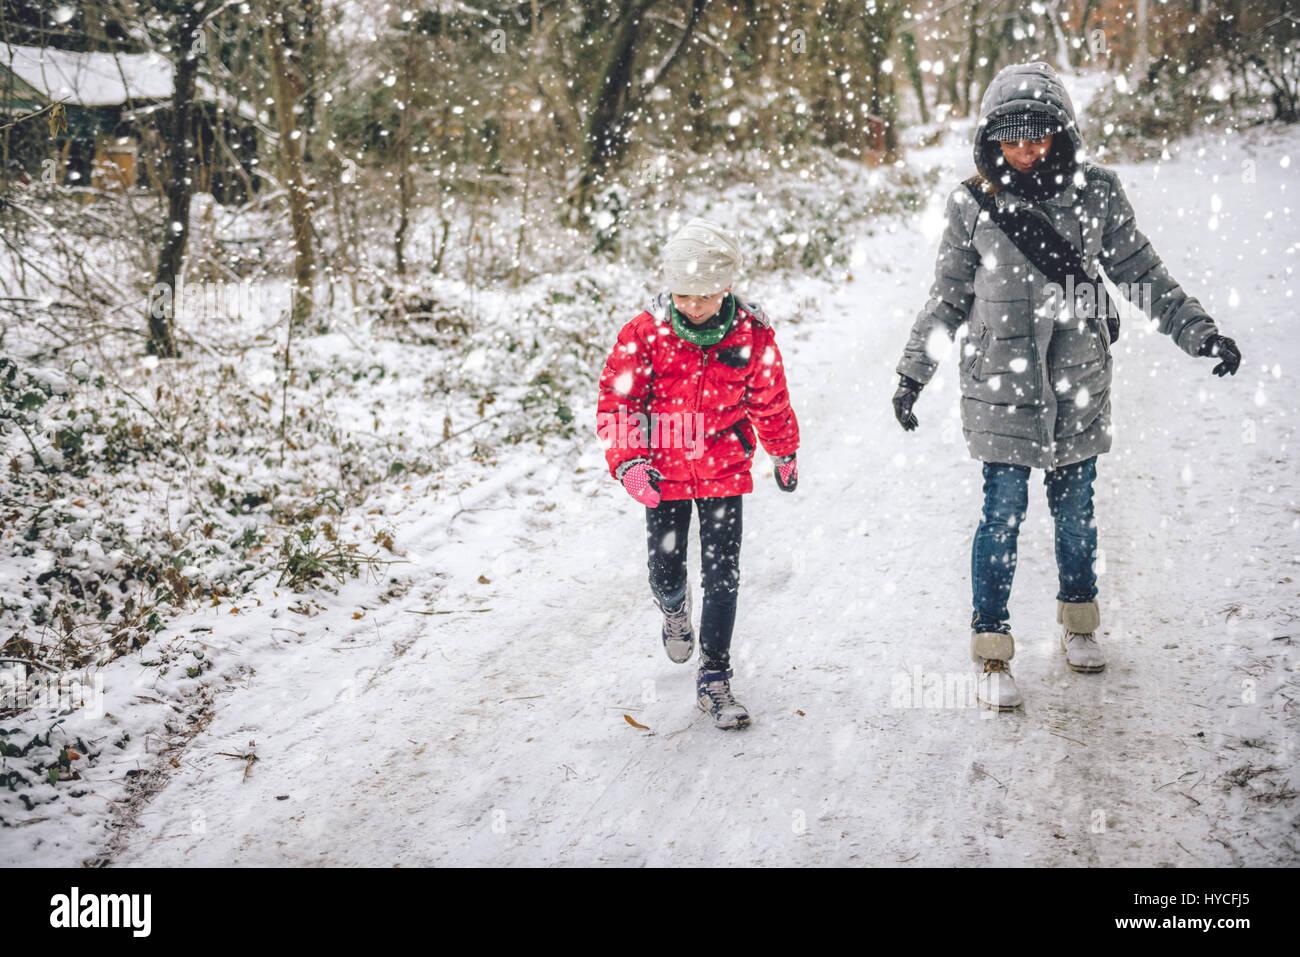 Madre e figlia escursionismo in bianco inverno forest Immagini Stock